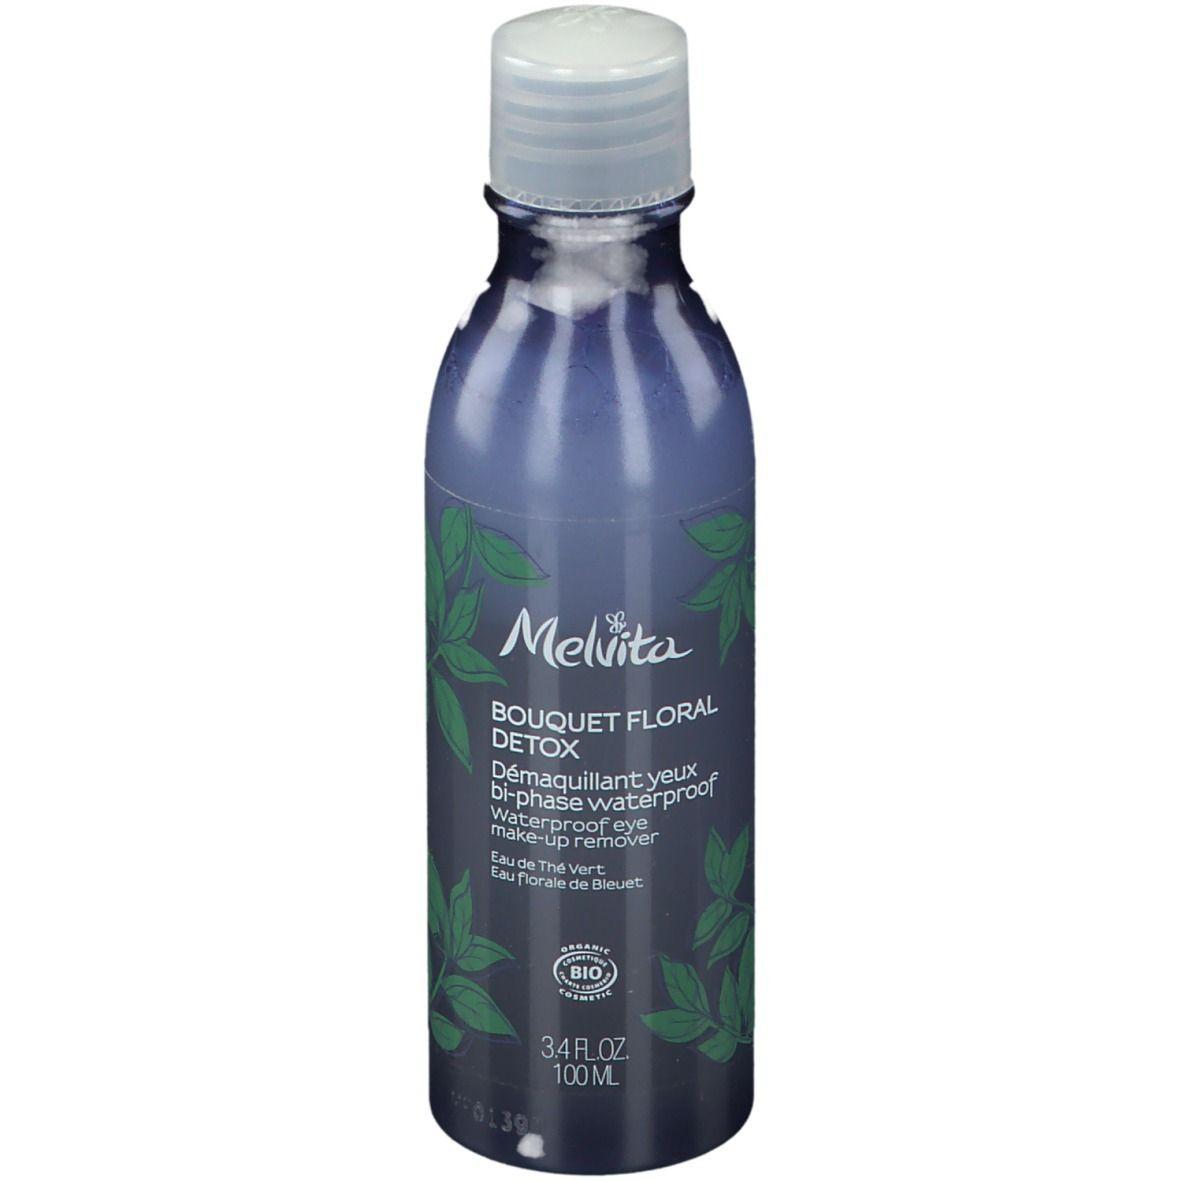 Melvita Bouquet Floral Detox - Démaquillant Yeux Bi-Phase Waterproof Bio ml produit(s) démaquillant(s)